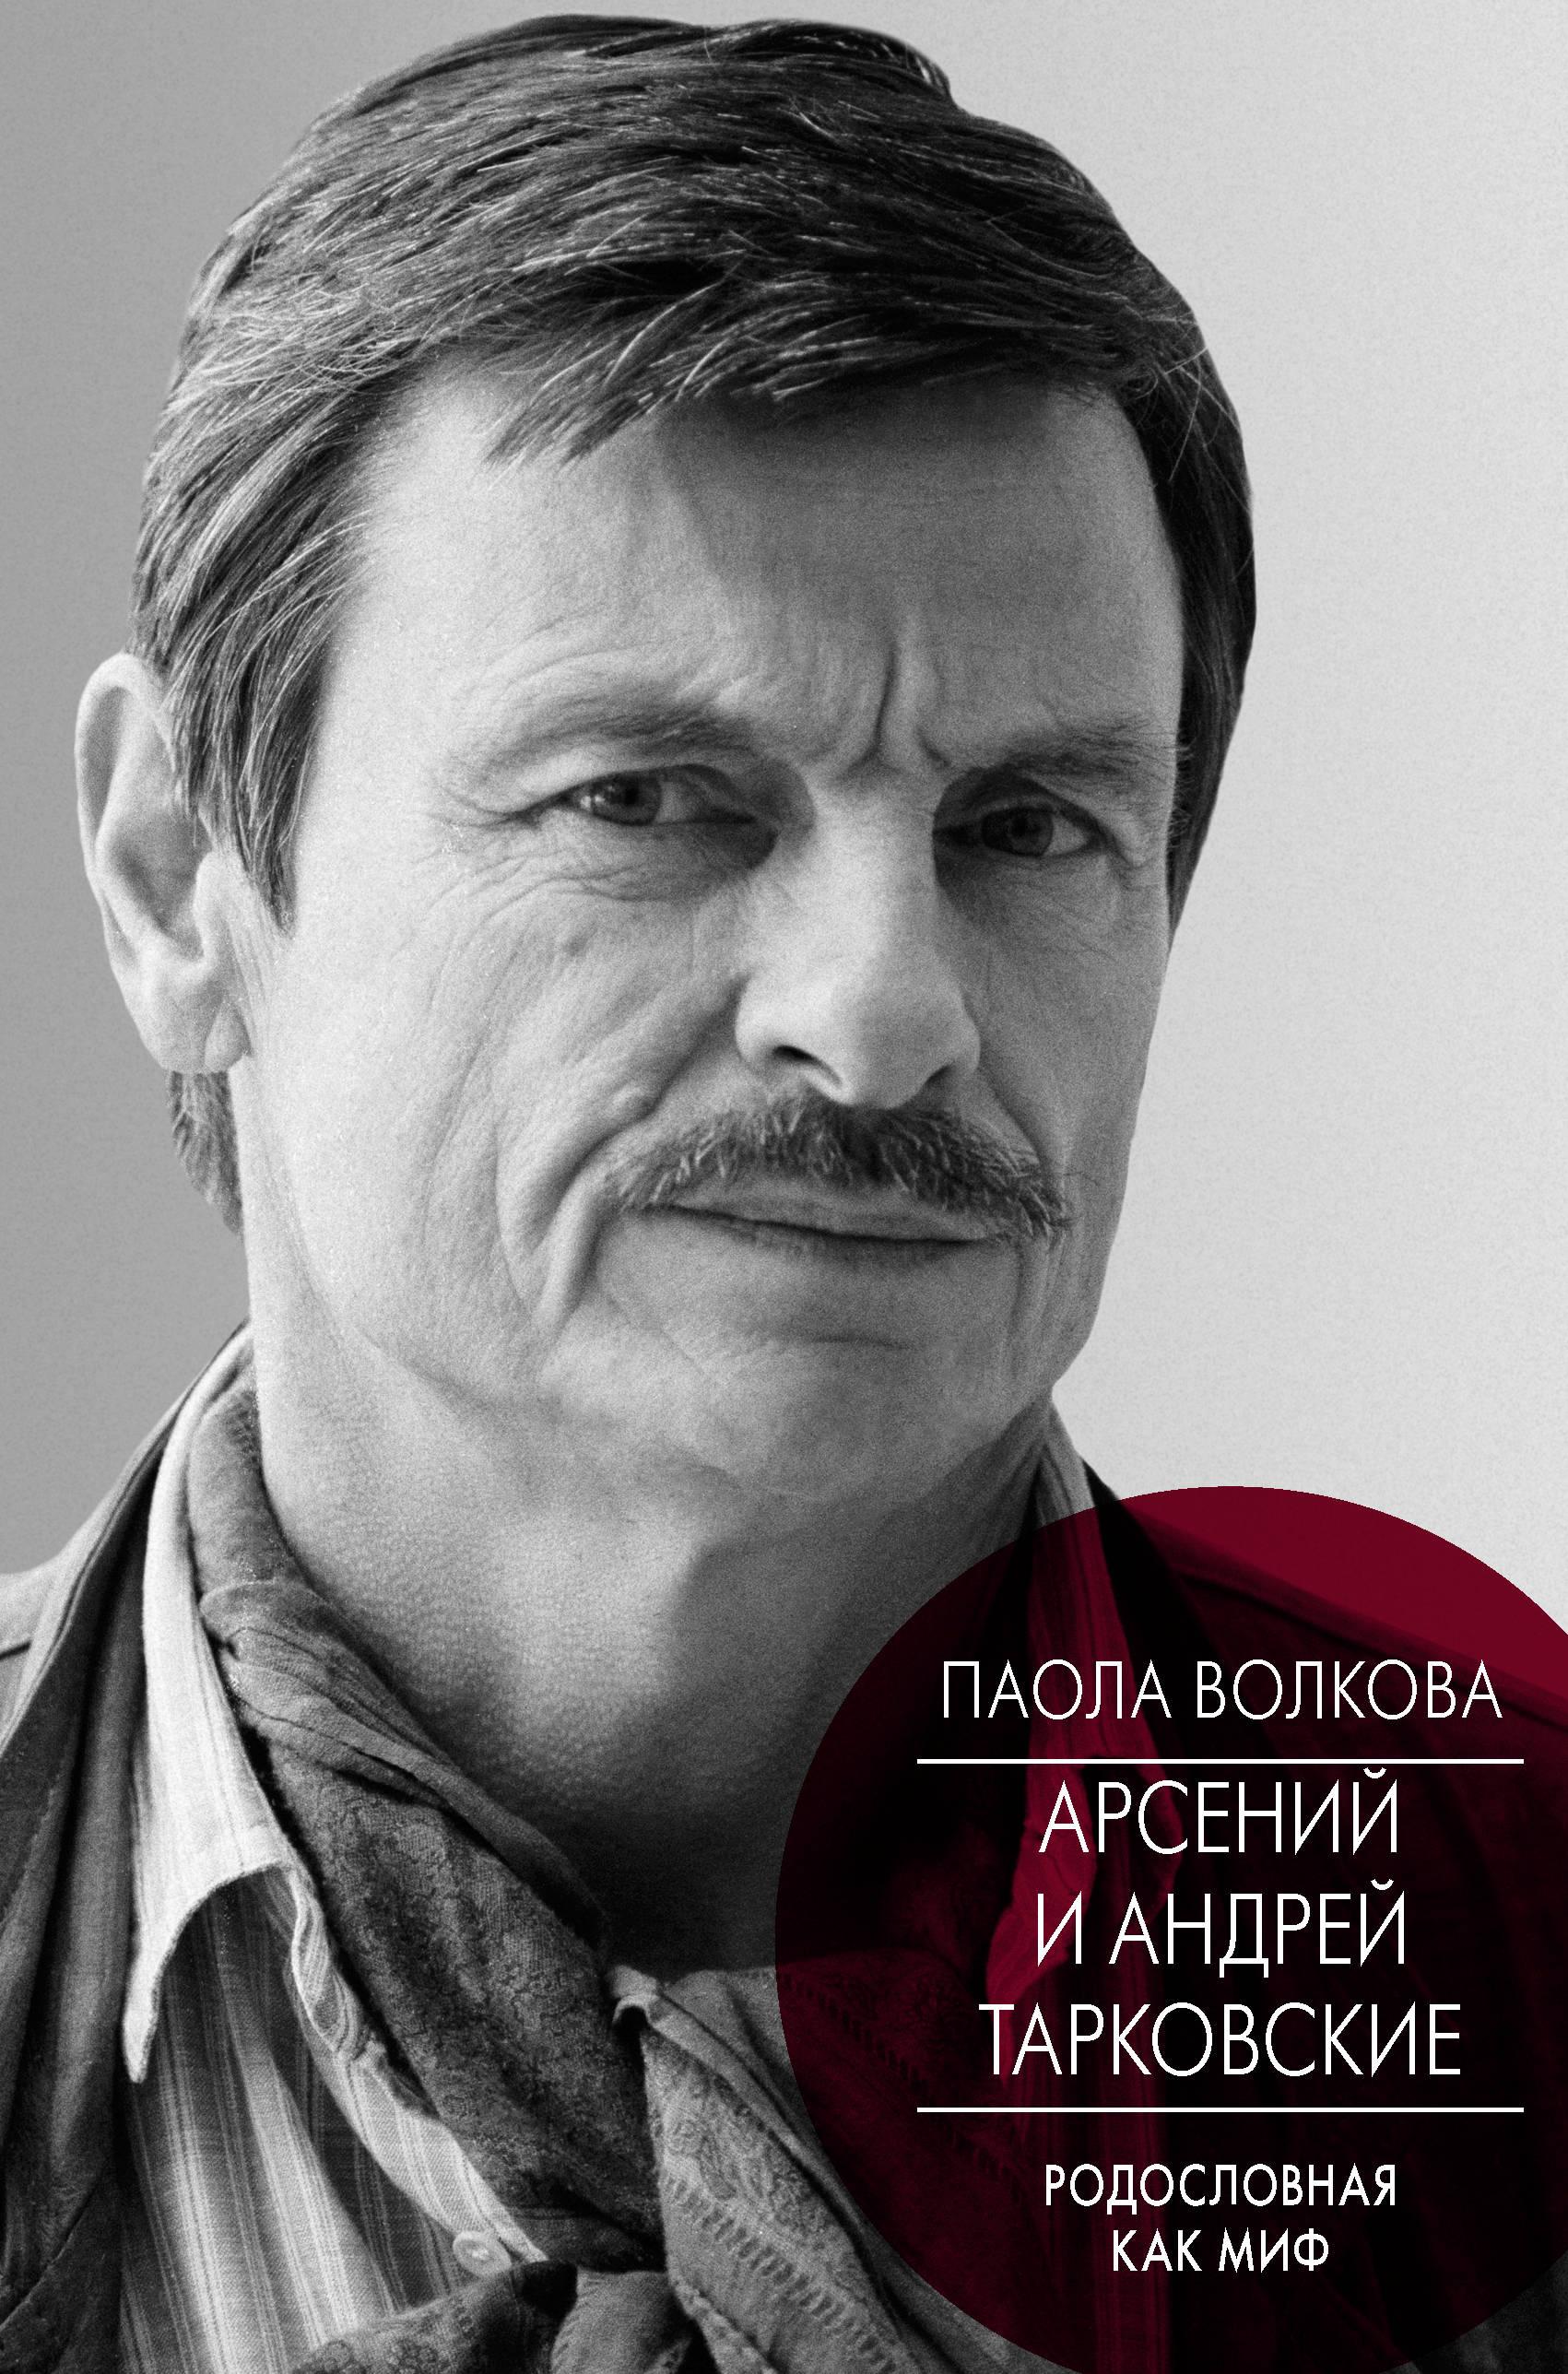 Арсений и Андрей Тарковские ( Паола Волкова  )